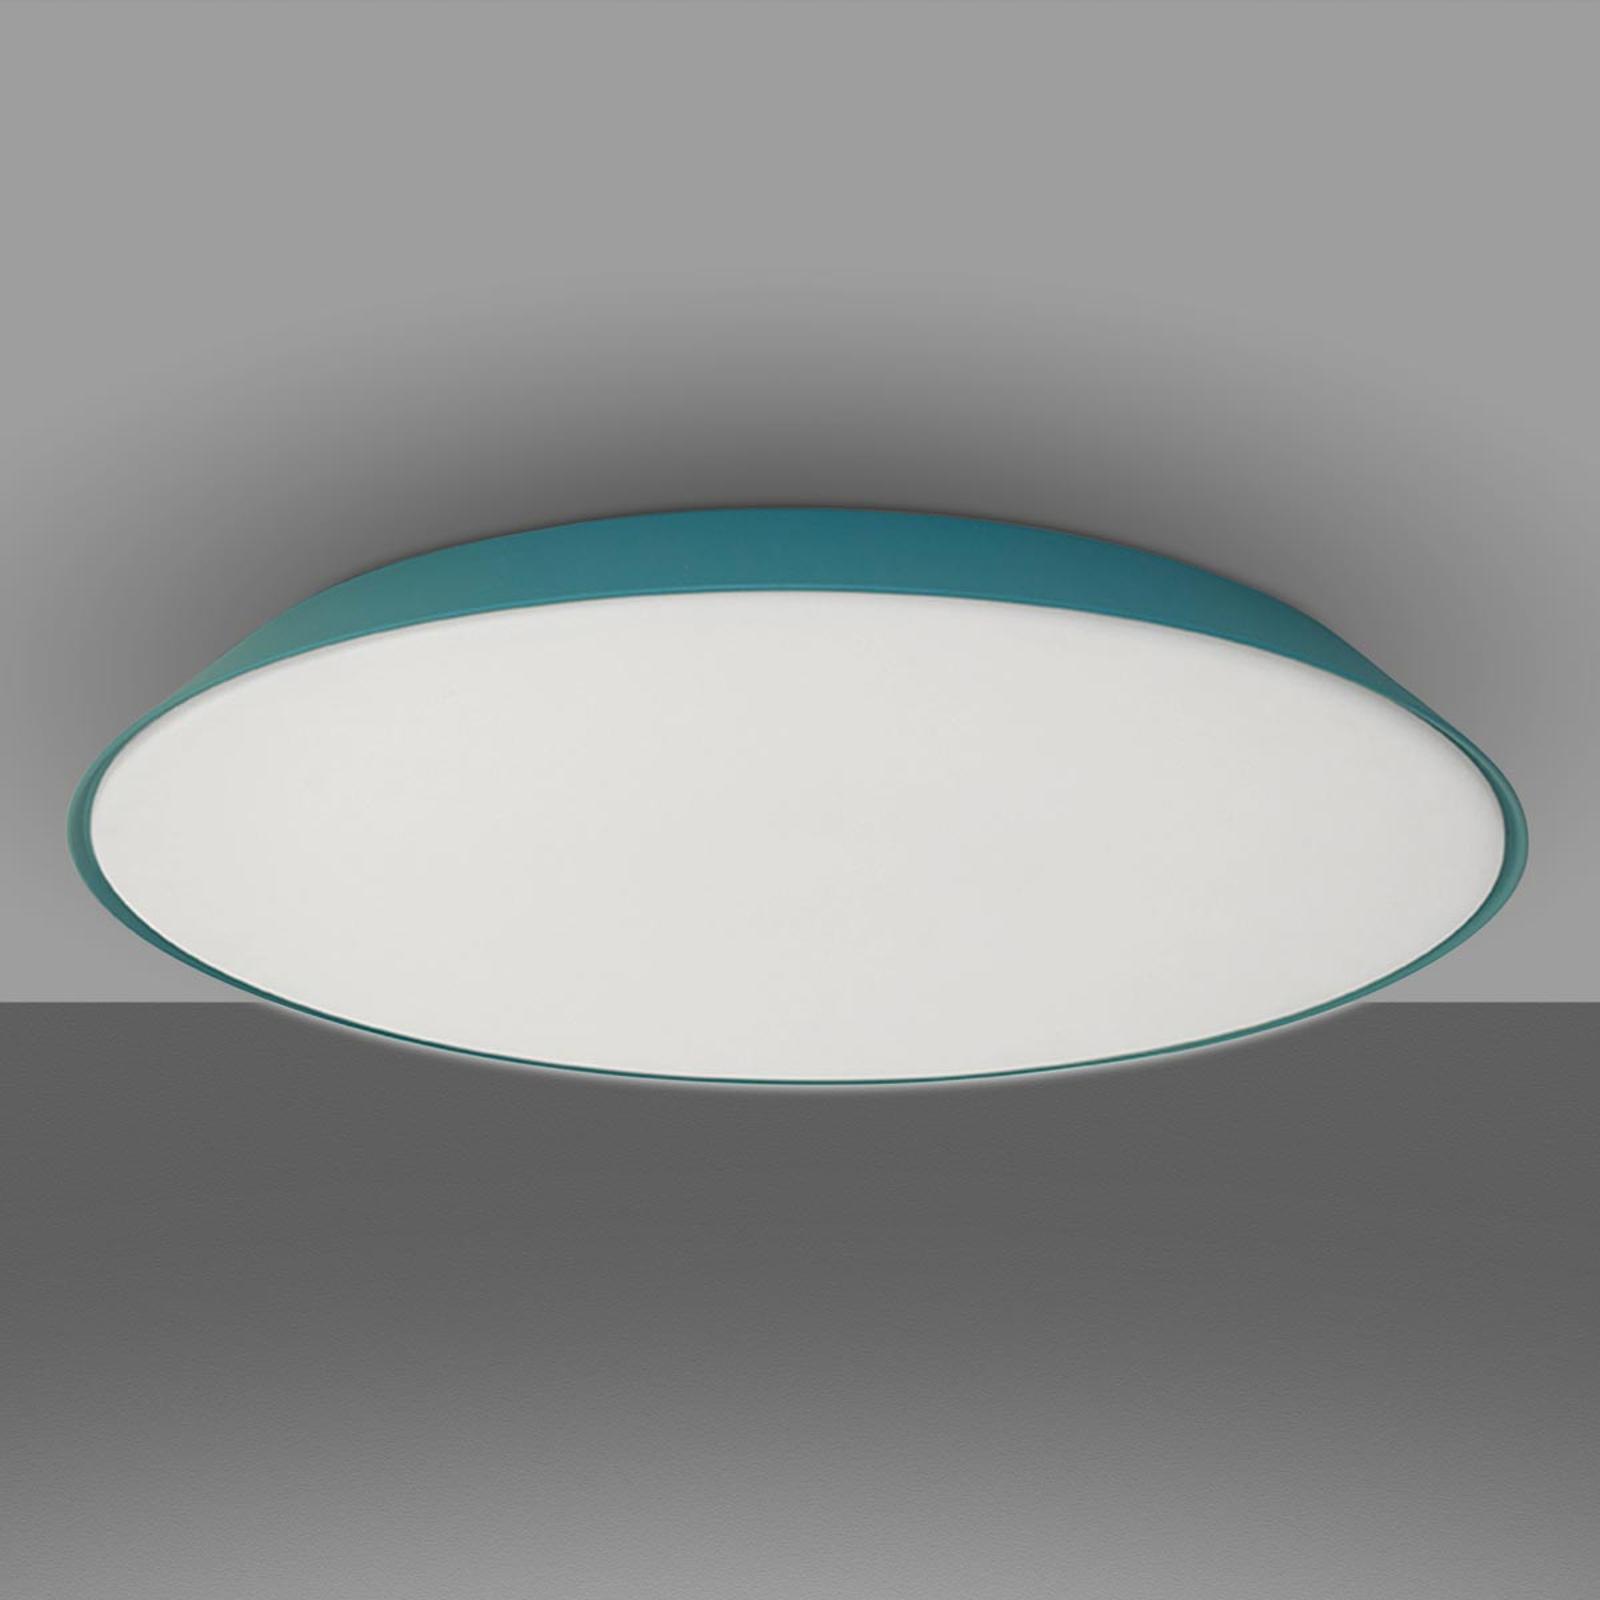 Artemide Febe LED-Deckenleuchte, 2.700K türkis